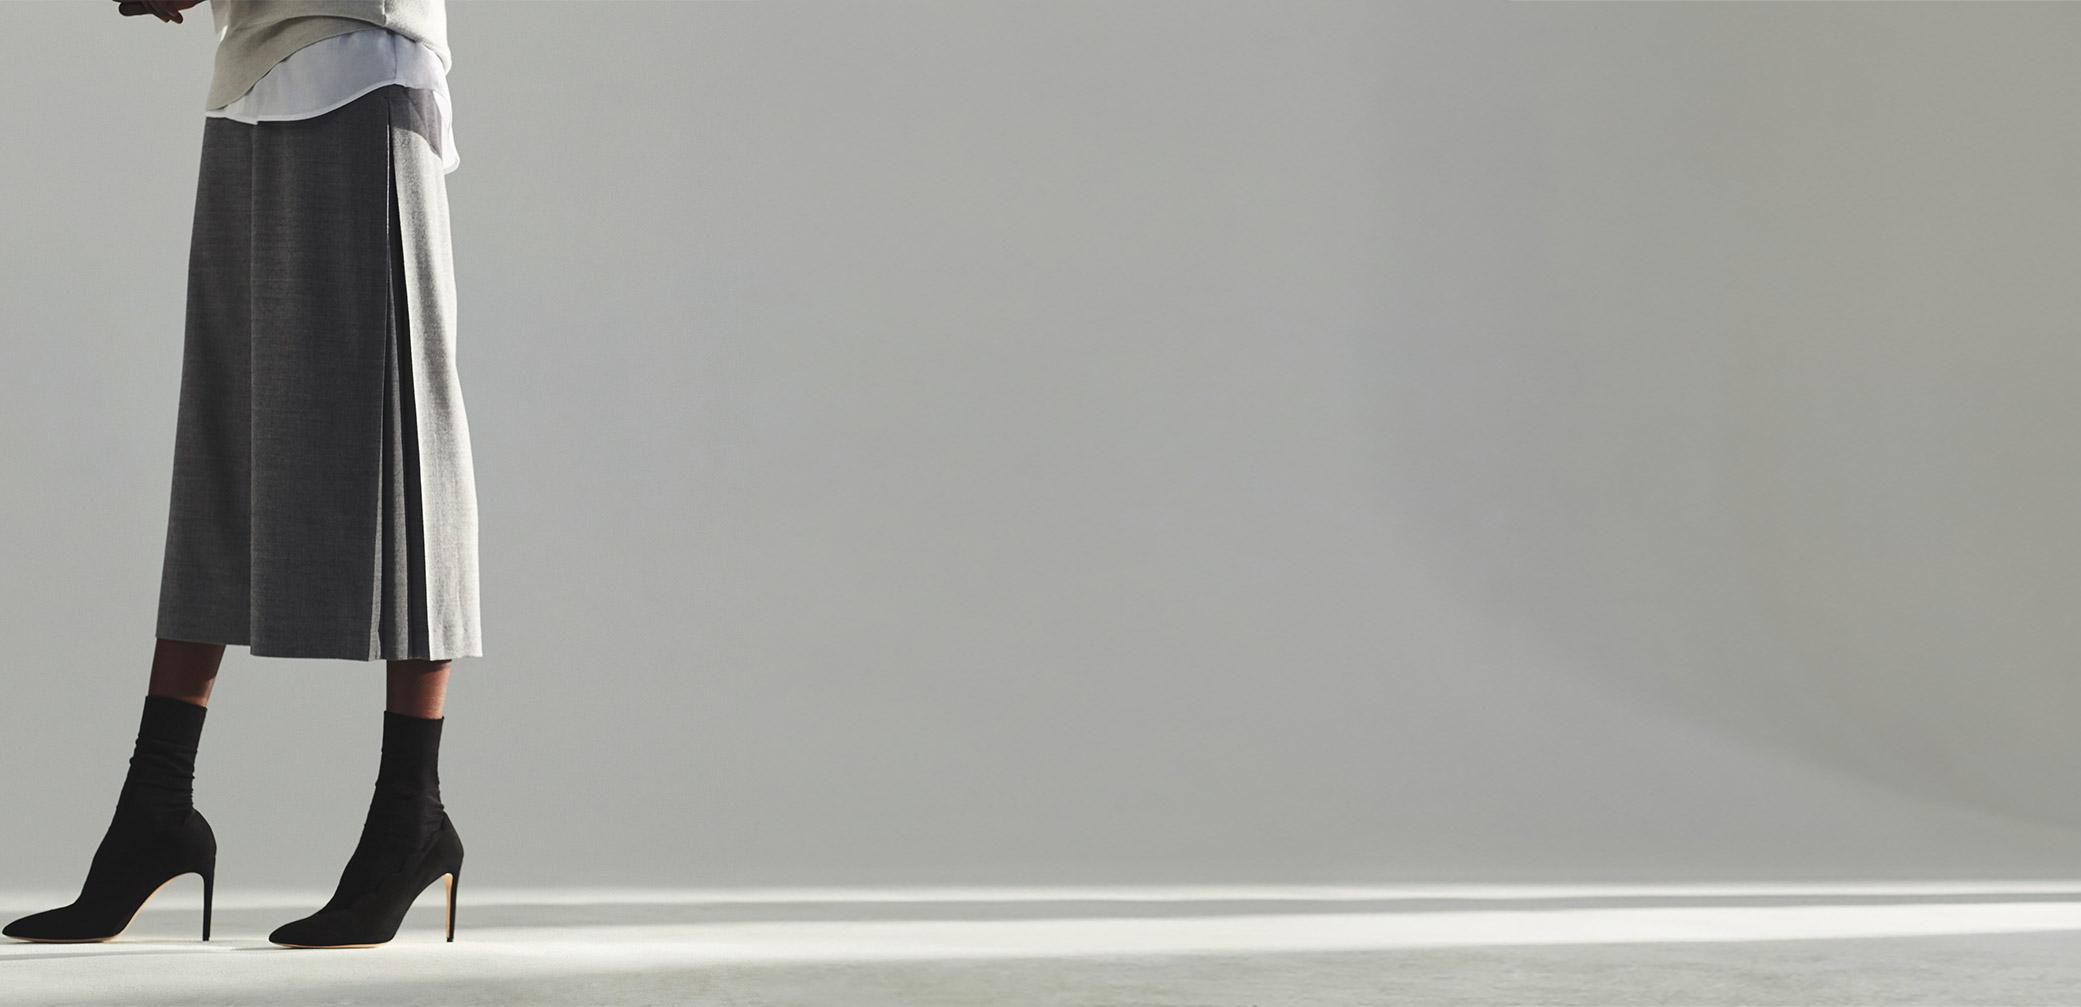 ABHY SWEATER HK$1,690, SALTINA PANT HK$1,990